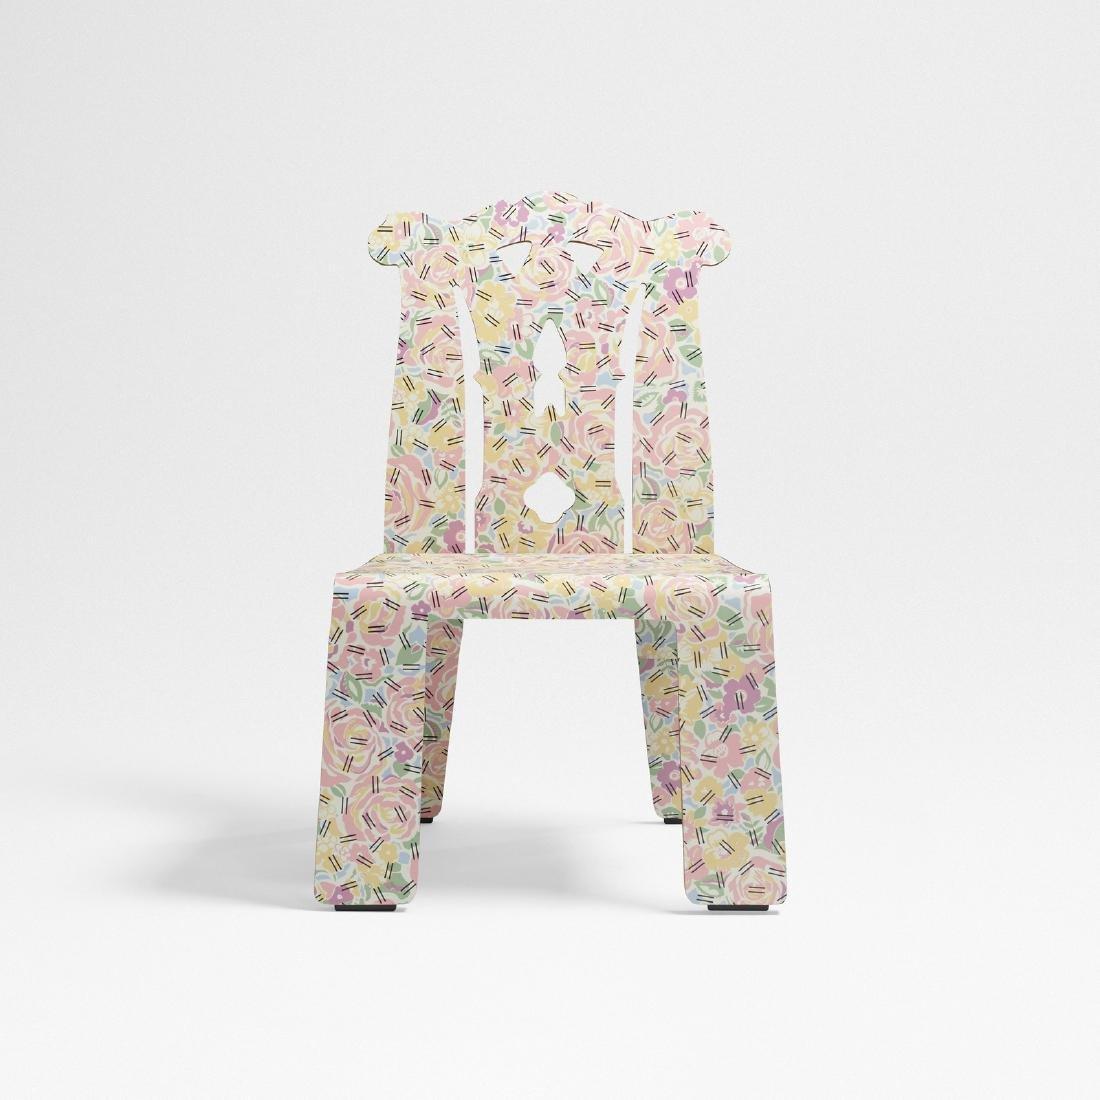 Venturi & Scott Brown, Chippendale chair